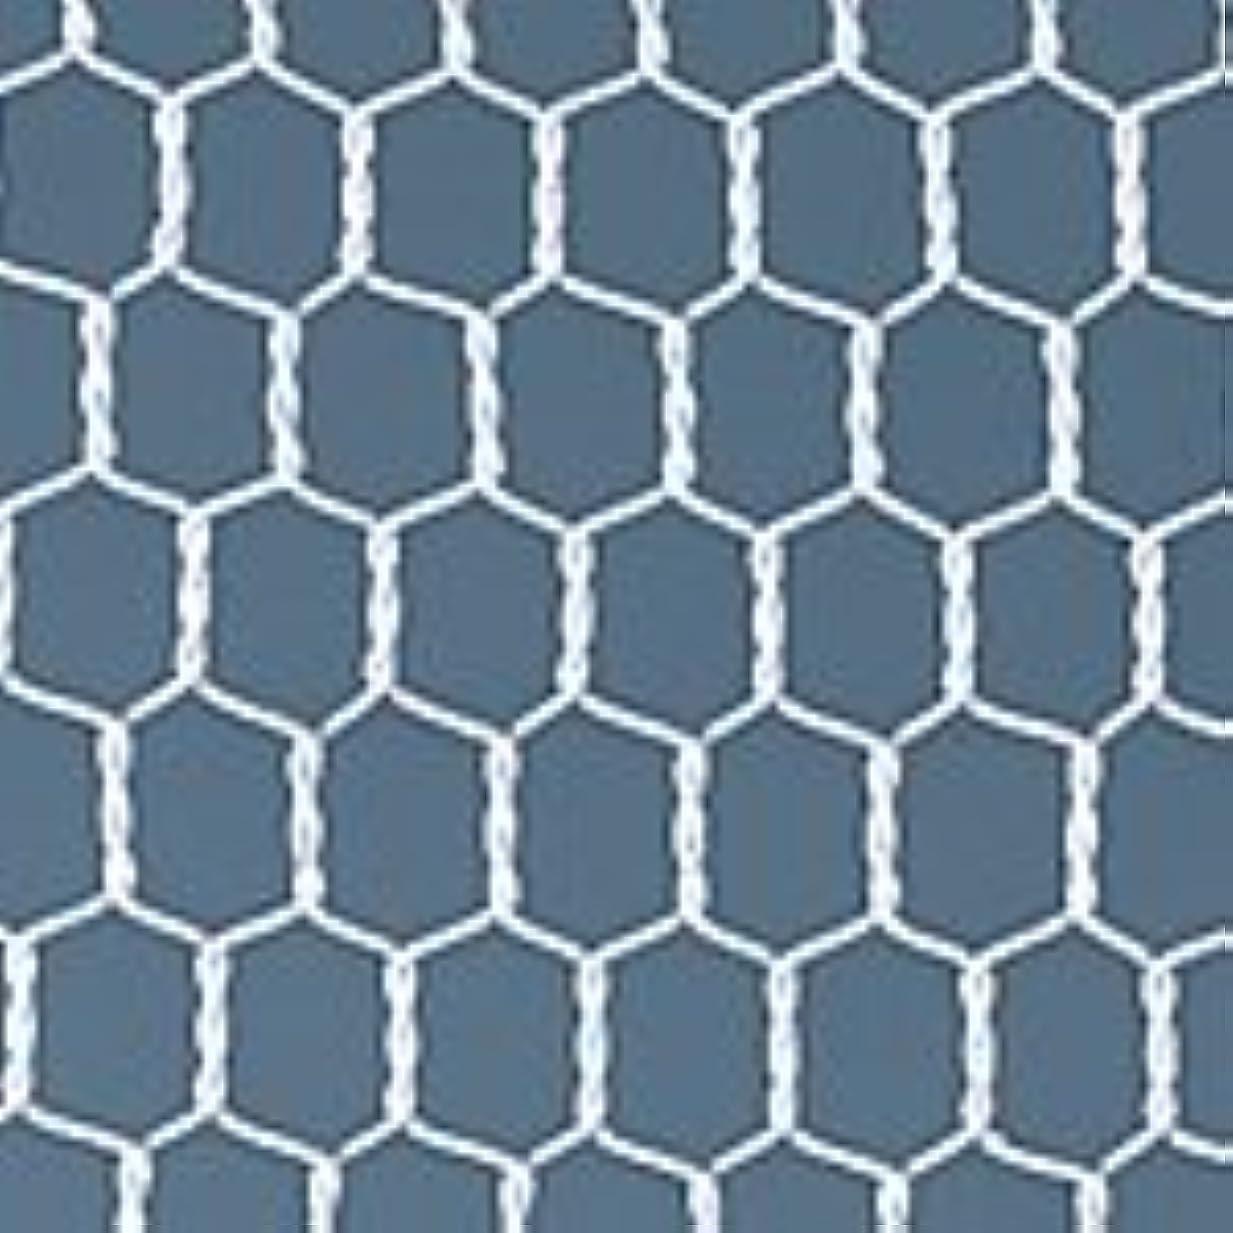 キリマンジャロ時代遅れキャンドルビニール亀甲金網 ホワイト 04)#20 幅(mm):455|長さ(m):30|目開き(mm):10|線径(mm):0.85